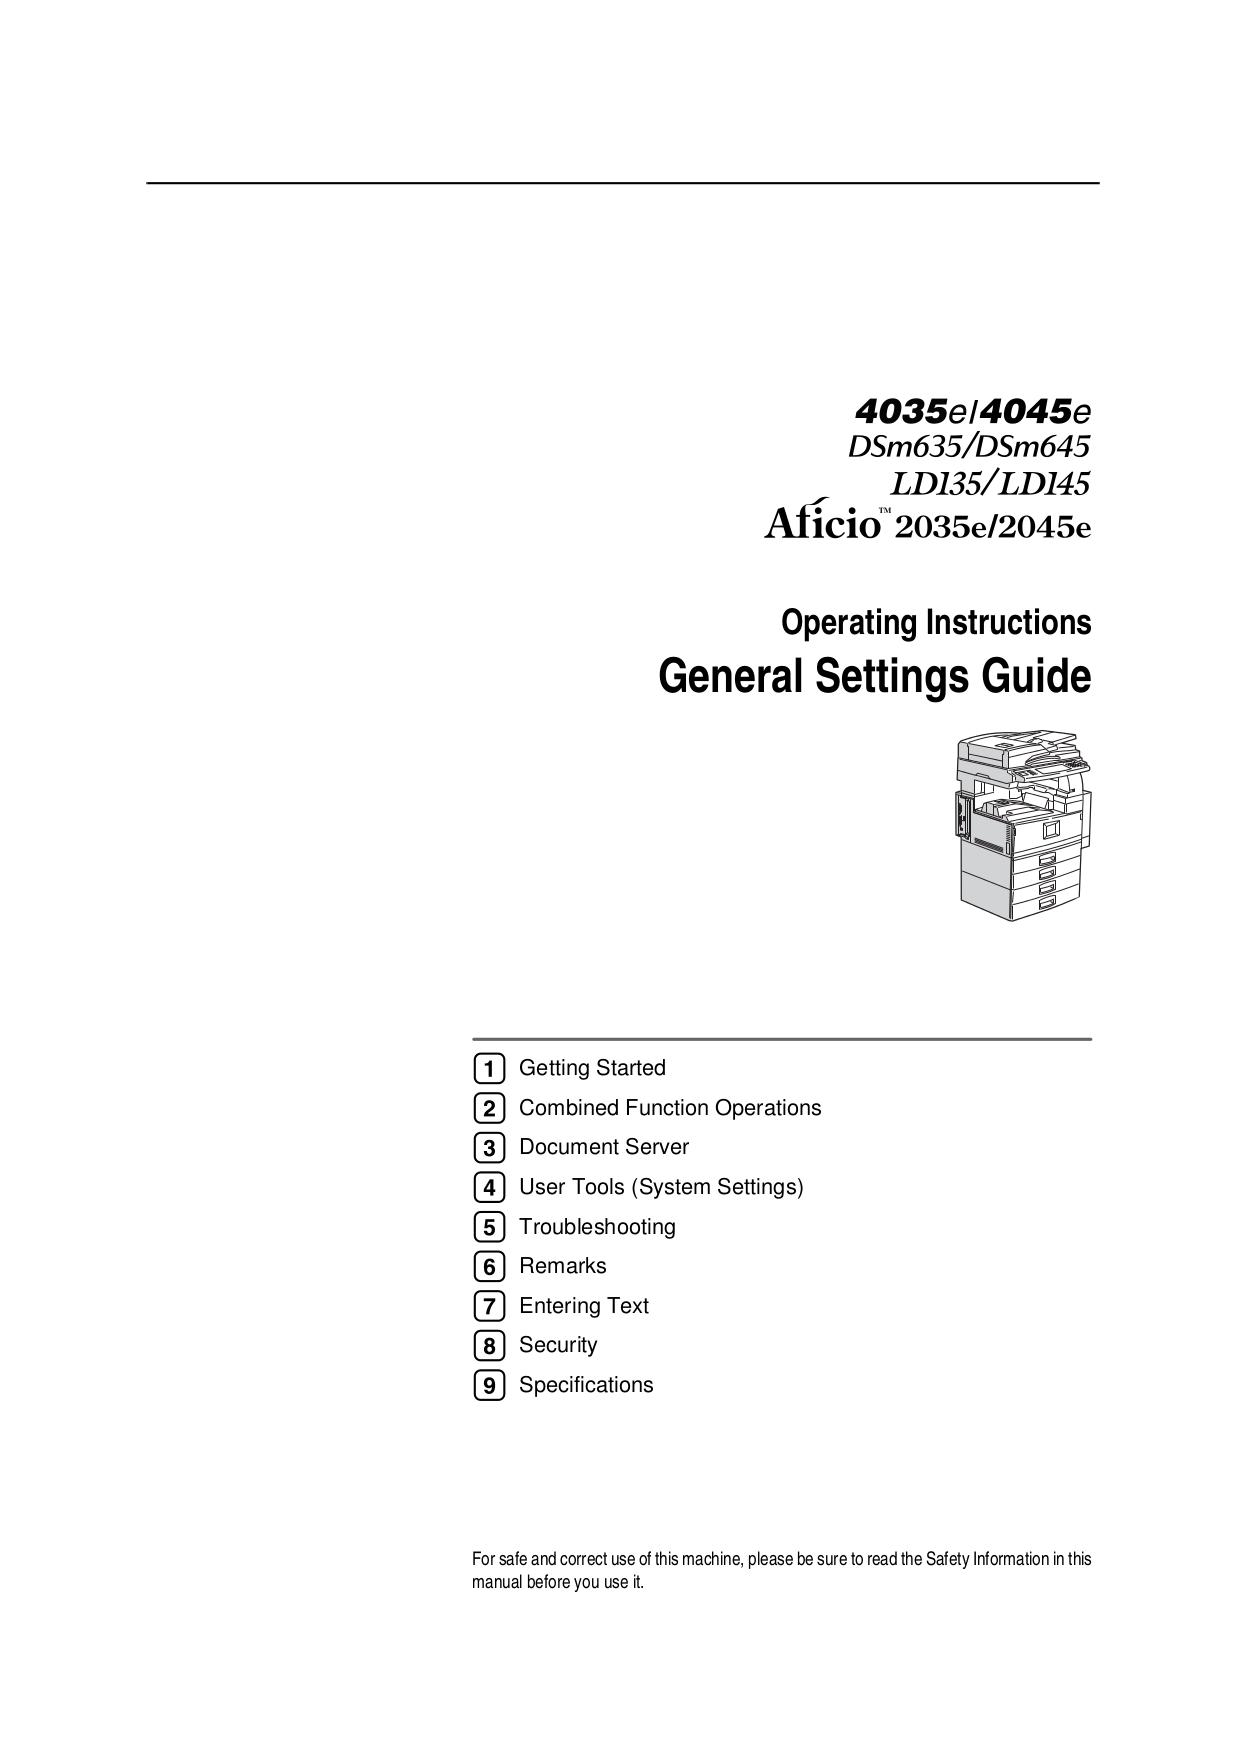 Download free pdf for ricoh aficio 2035e copier manual pdf for ricoh copier aficio 2035e manual publicscrutiny Image collections